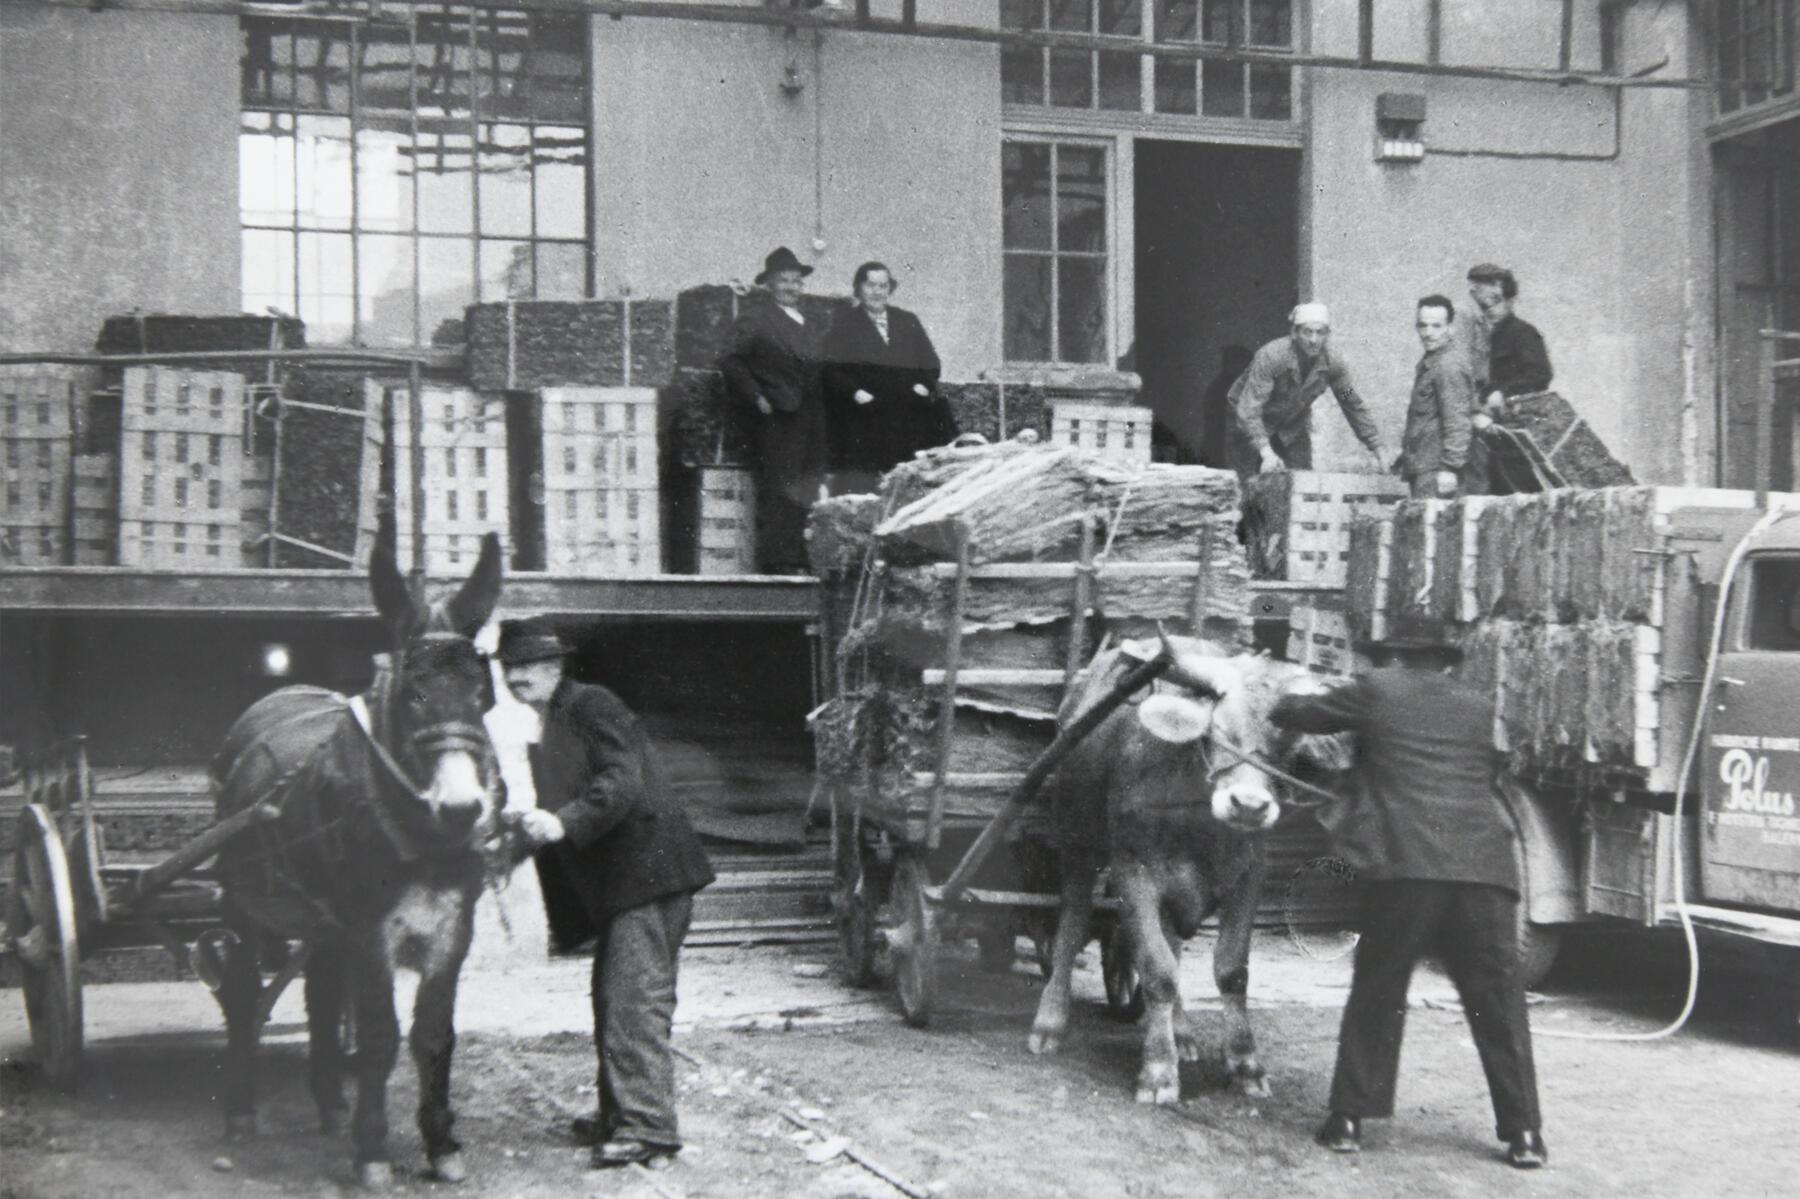 **Primo impianto di essicazione in Ticino** La Polus era all'avanguardia nella fermentazione dei tabacchi e nel 1933 istallò il primo impianto per l'essicazione artificiale del tabacco in Svizzera.